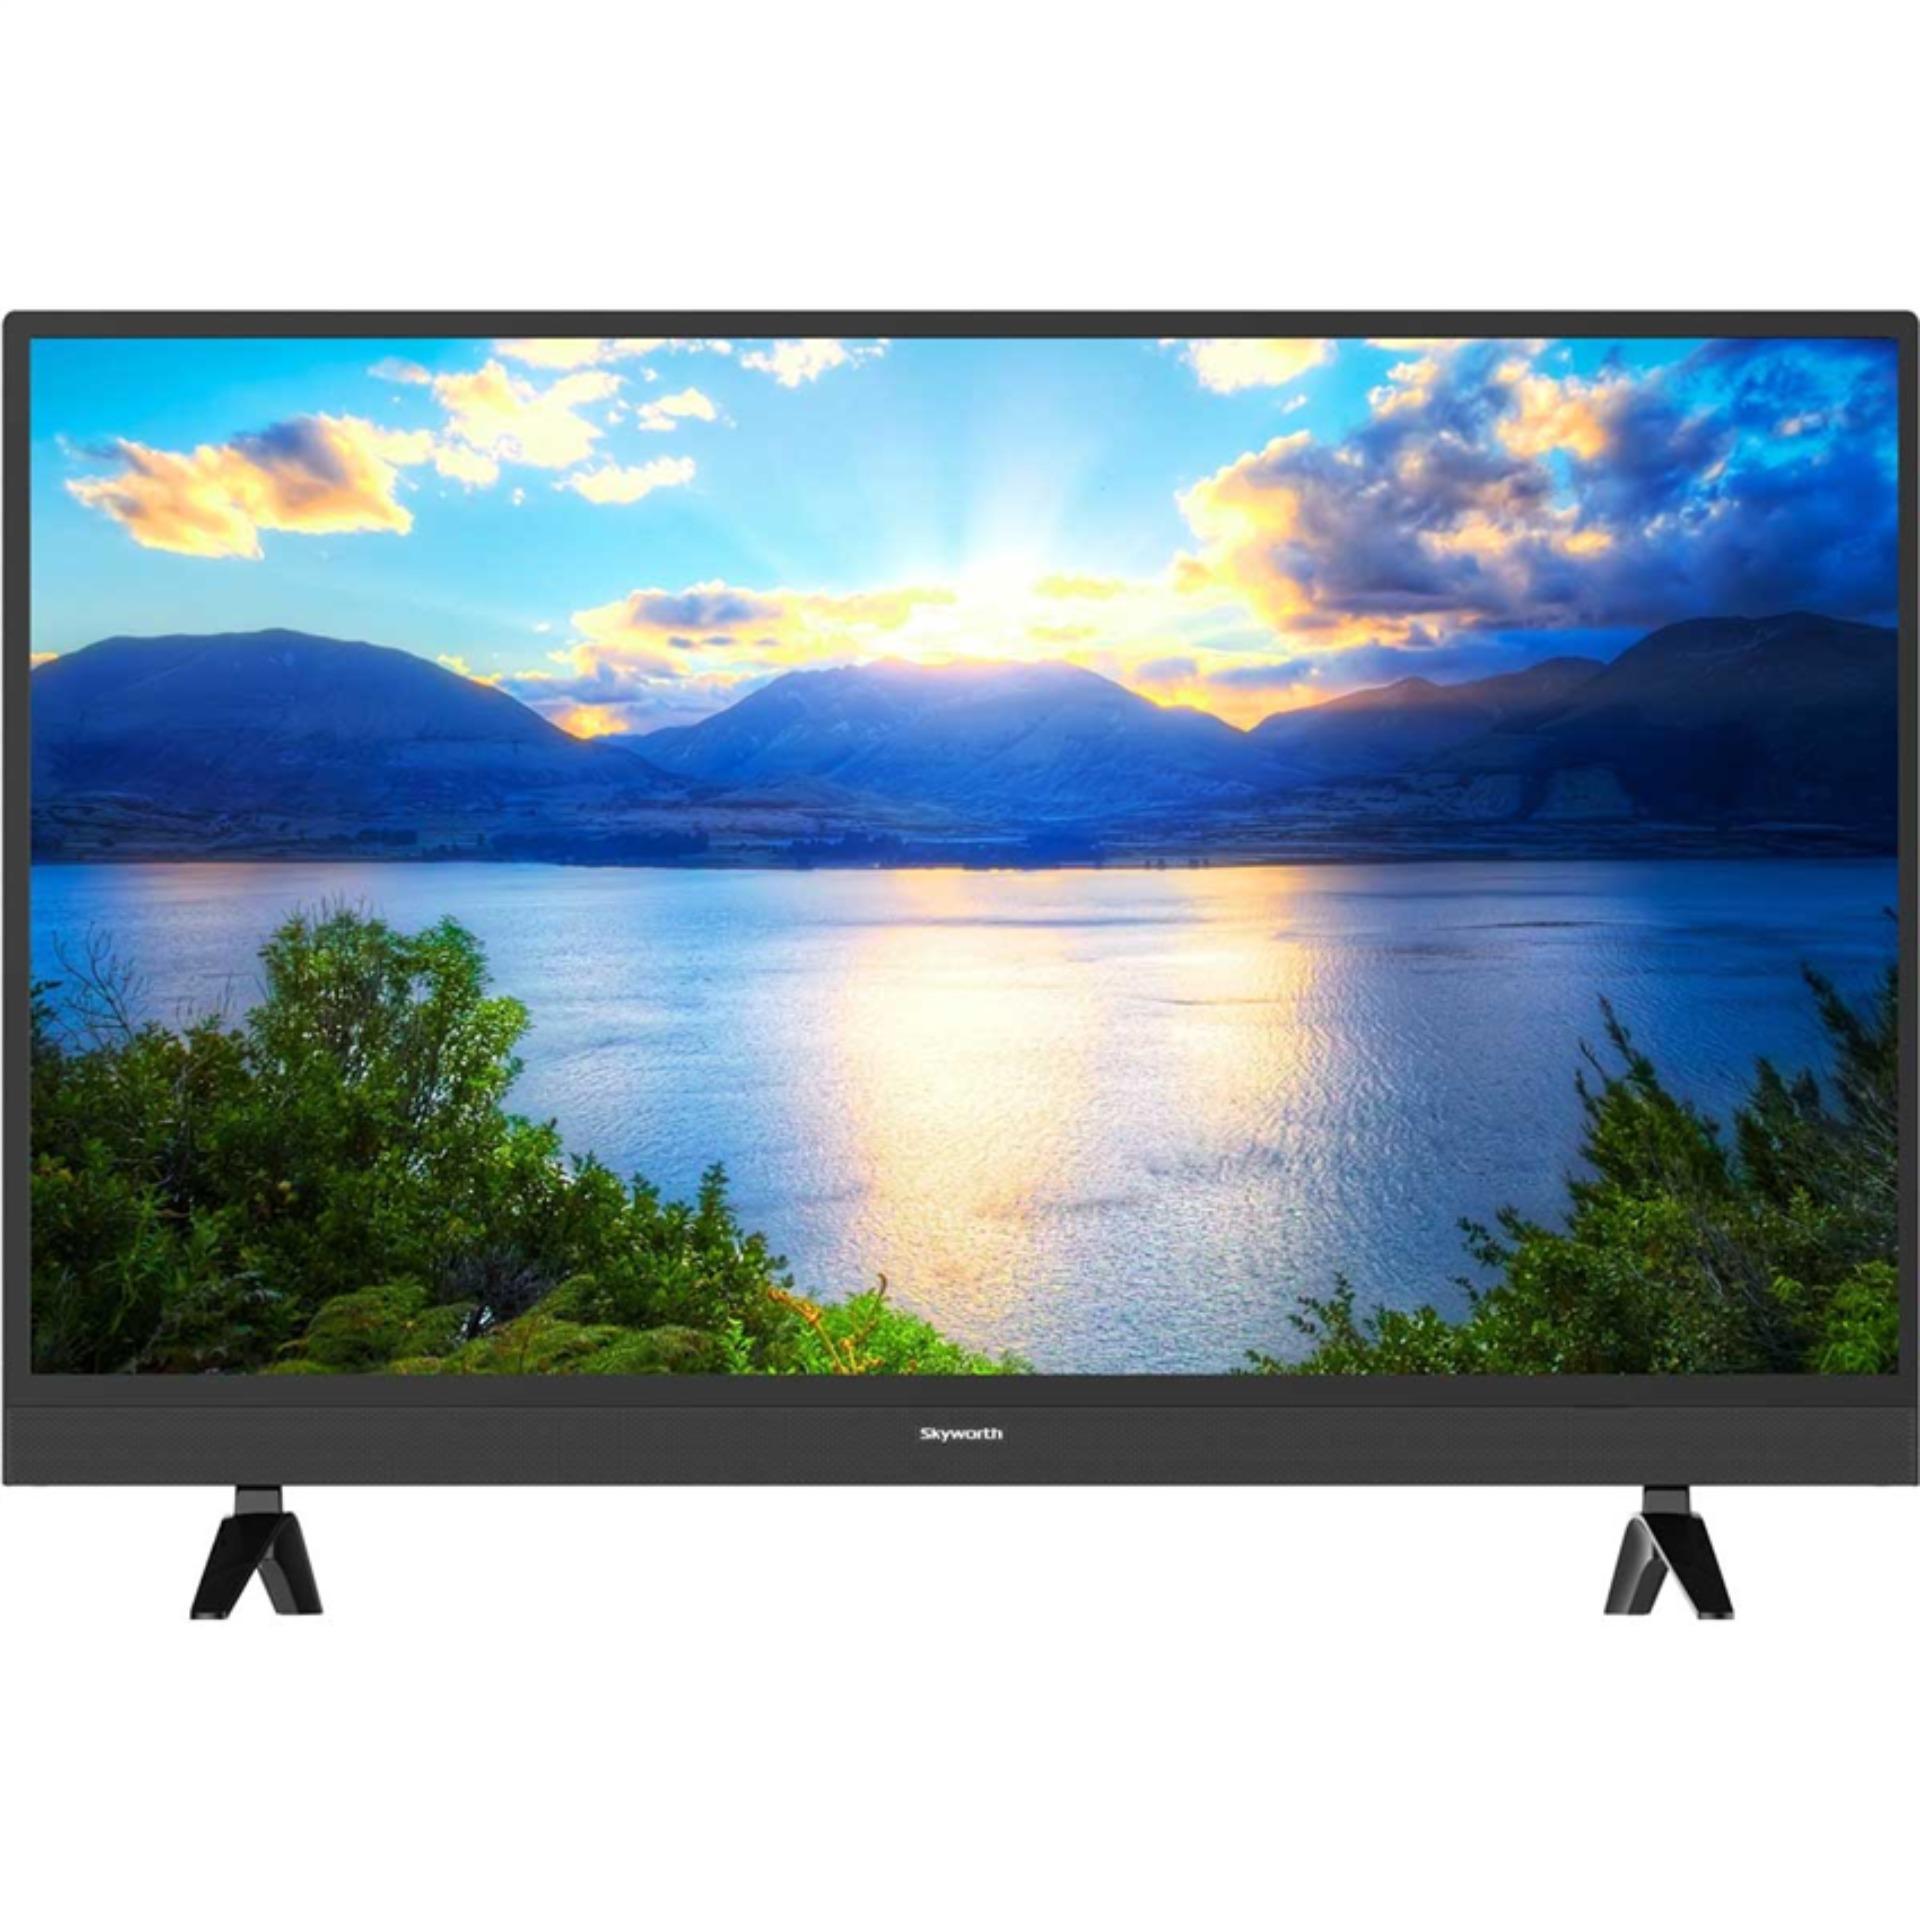 Smart TV Skyworth 40 inch Full HD – Model 40S3A11T (Đen) - Hãng phân phối chính thức